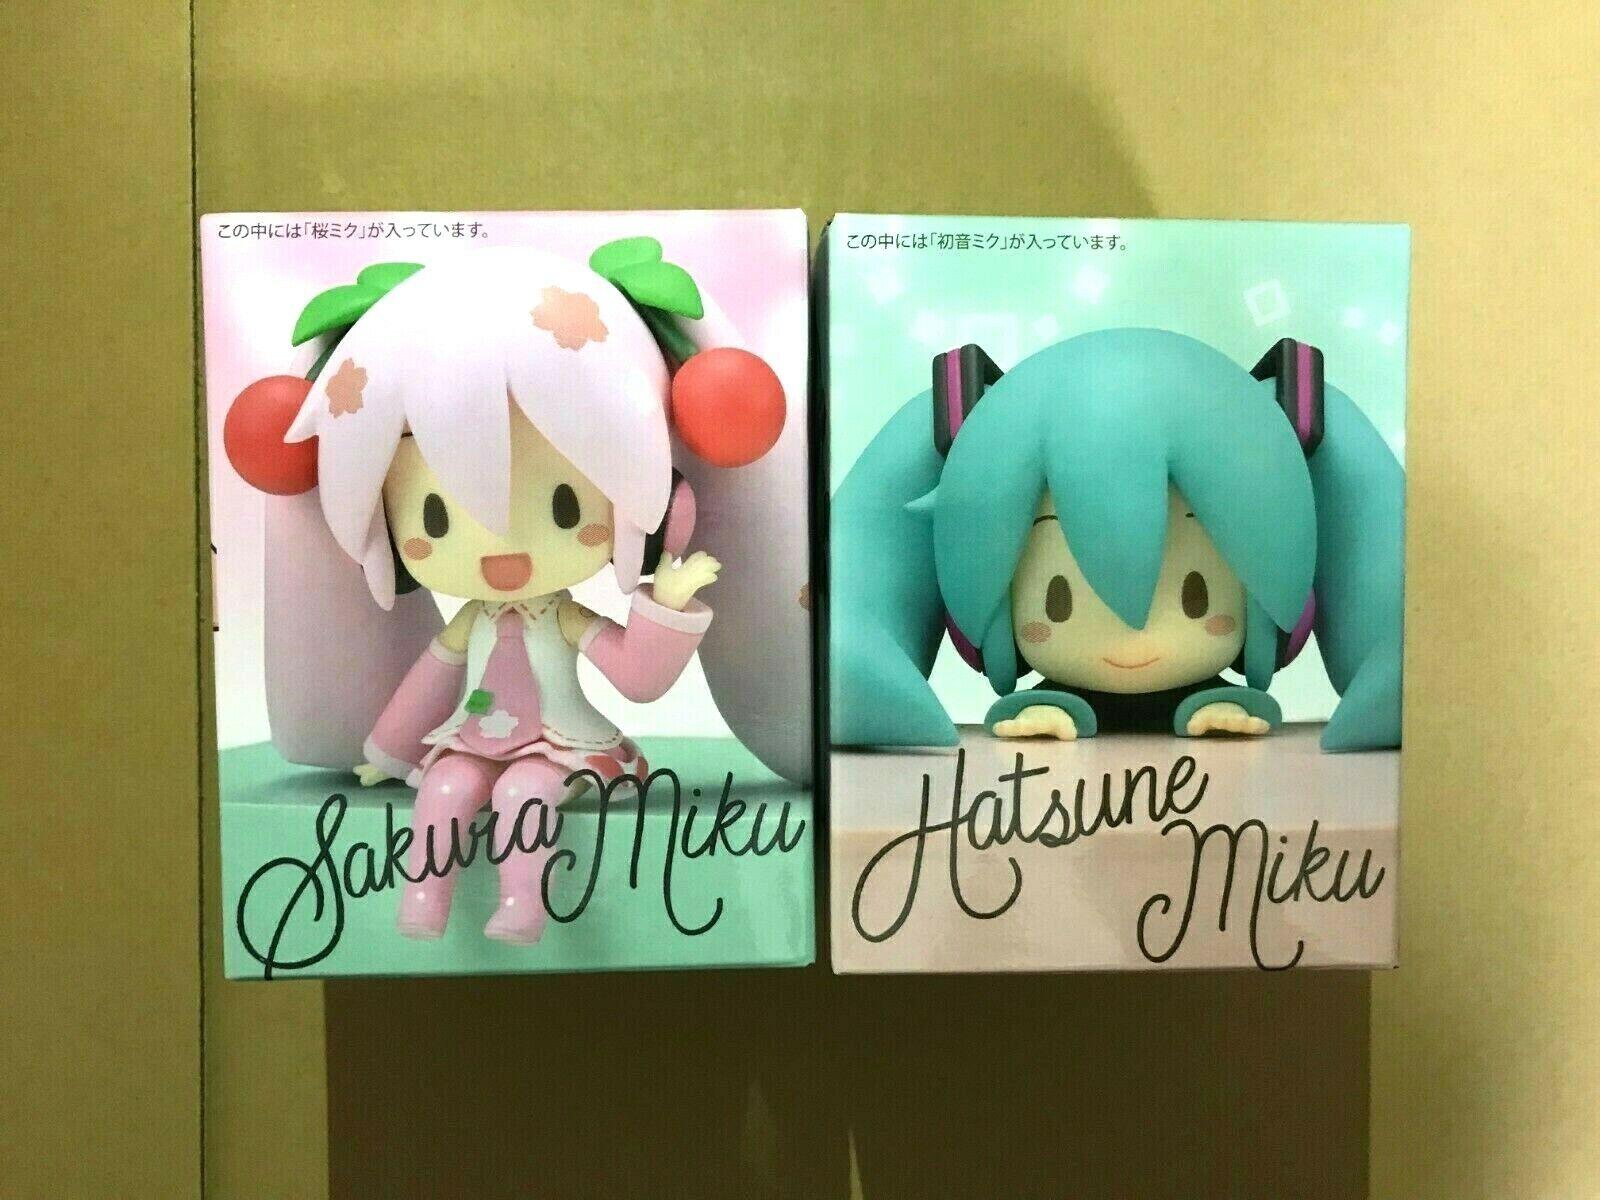 Hatsune Miku Series Chokonose Figure 2 Set SEGA Sakuramiku sakura choko nose